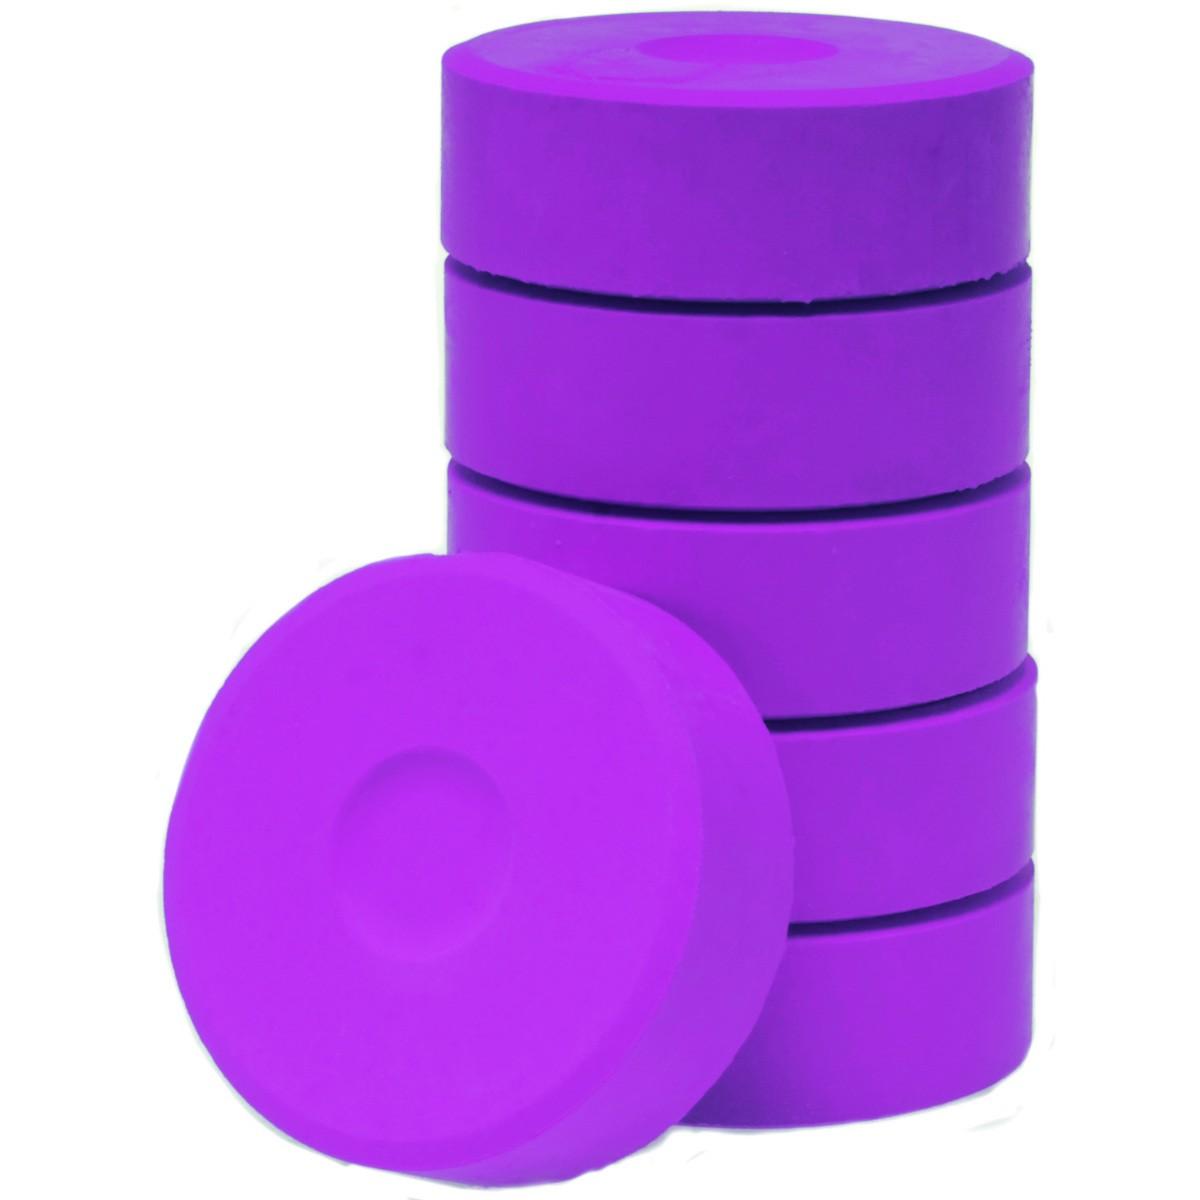 Tempera-Blöcke 55mm rosa 6 Stück - hochwertige Tempera Farb Pucks / Farbtabletten